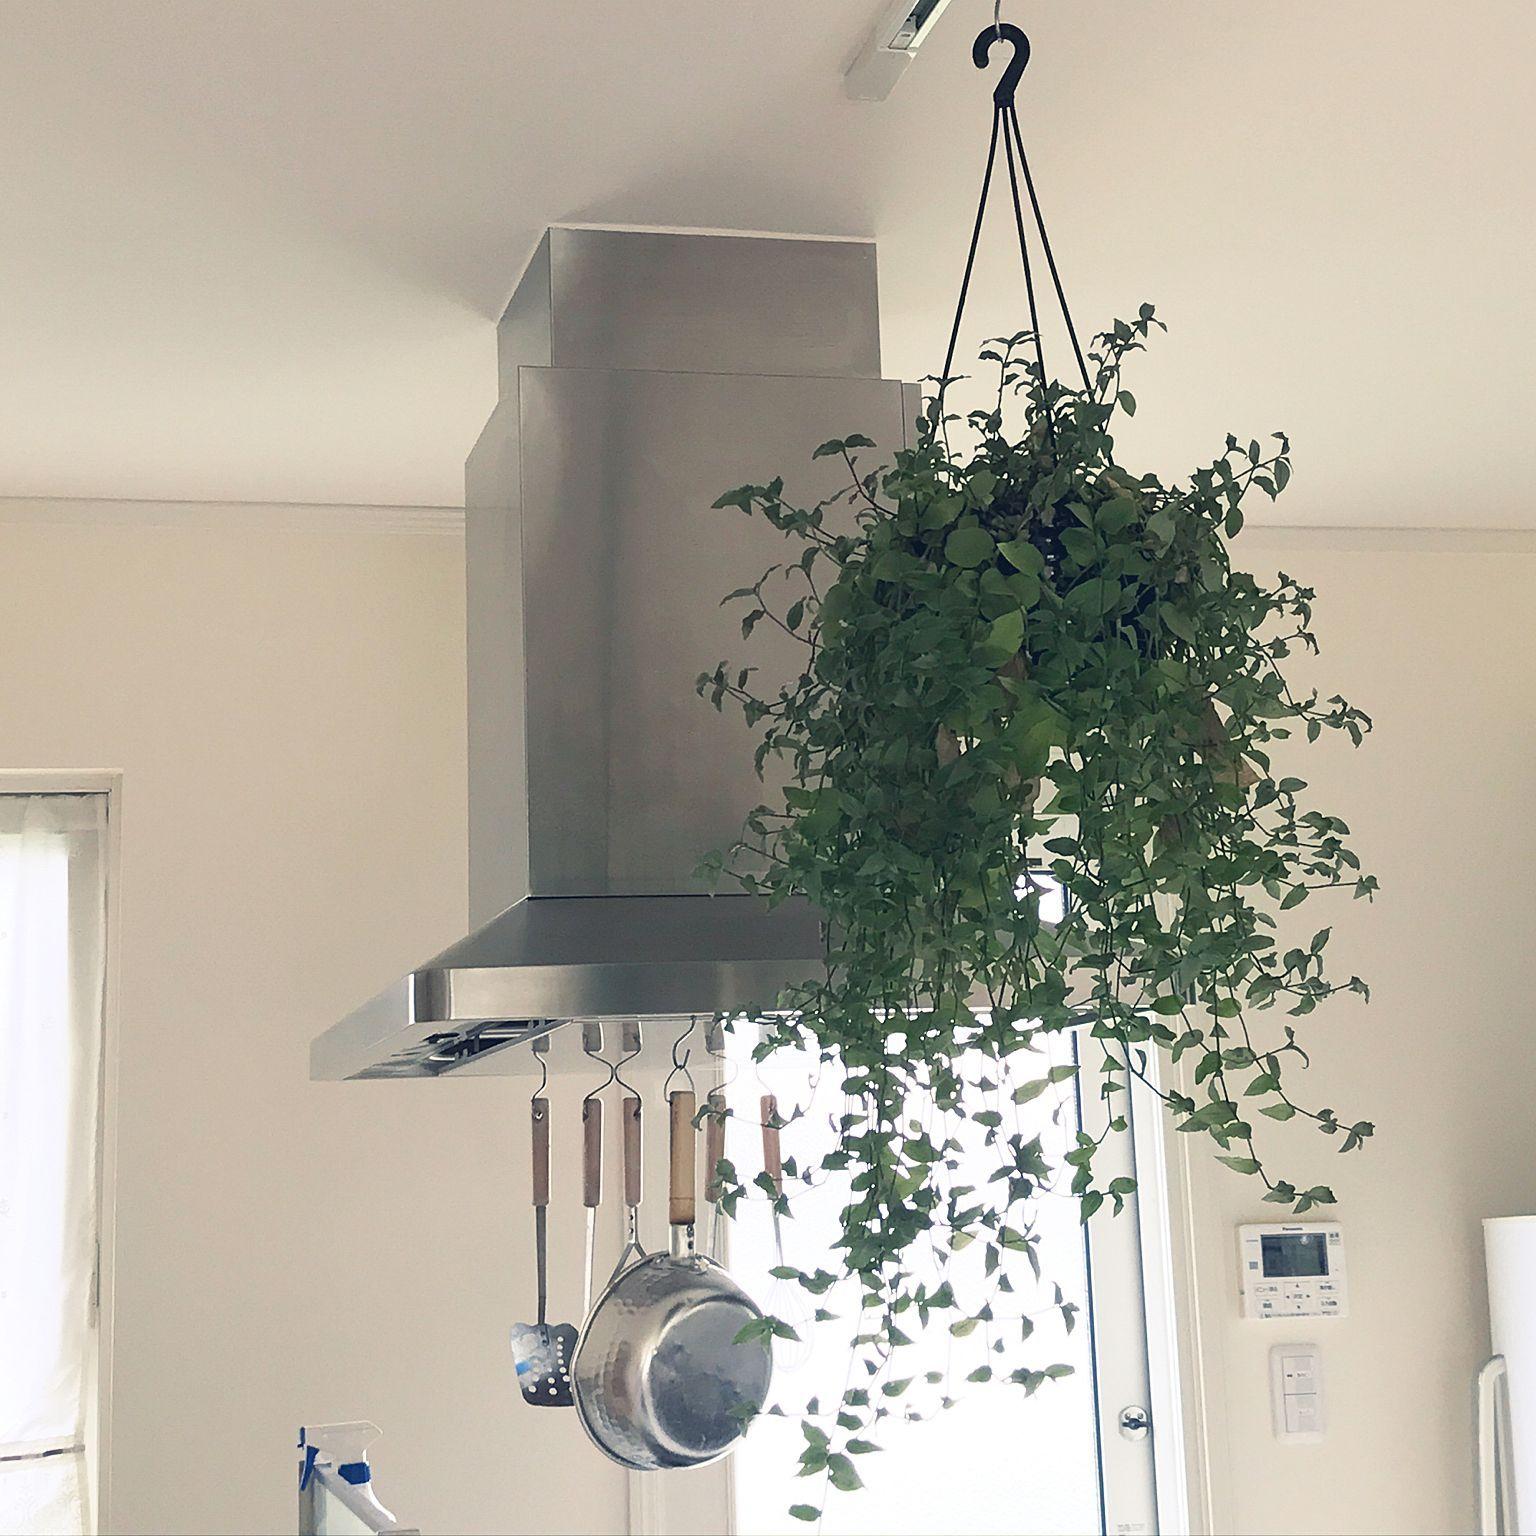 ダクトレール 観葉植物 キッチン キッチンのインテリア実例 2017 08